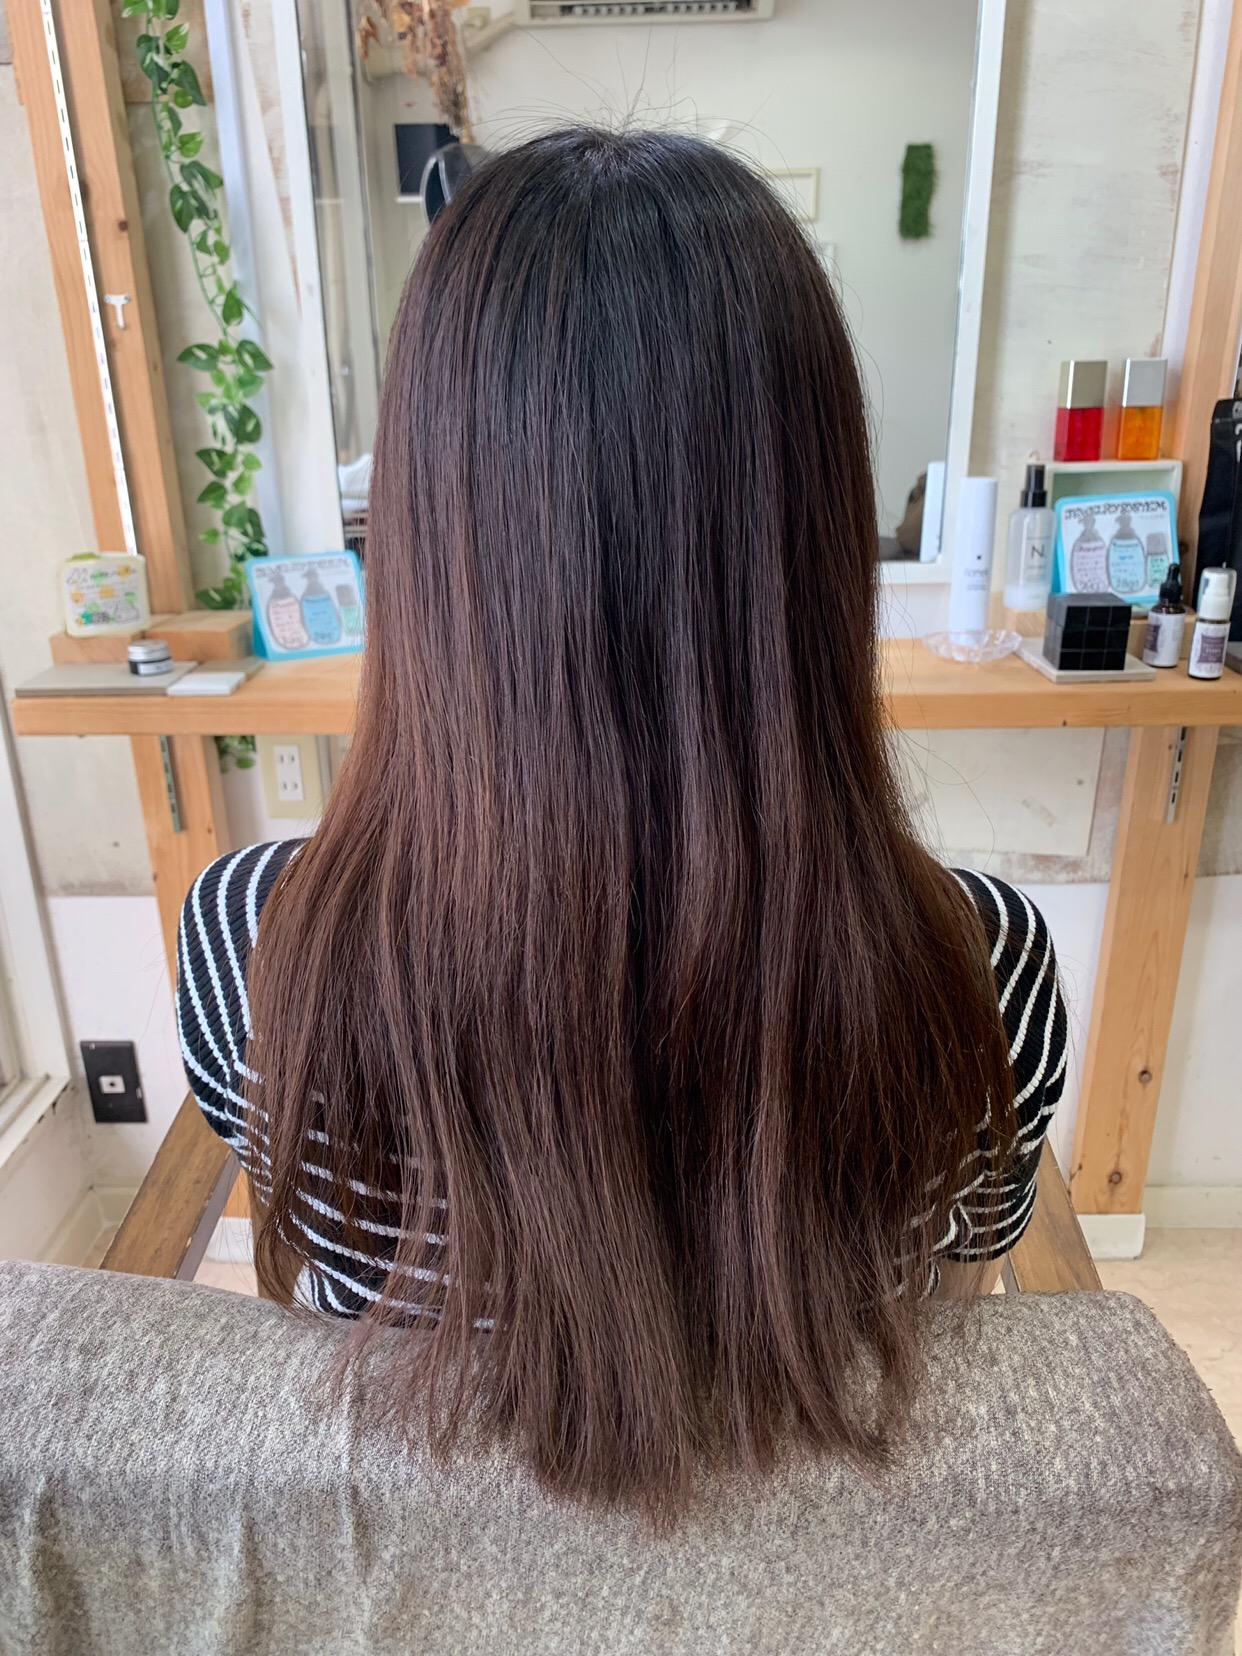 はじめての【縮毛矯正】でつやっつやの艶髪ストレートヘア。原宿・表参道『1000人をツヤ髪にヘアケア美容師の挑戦』